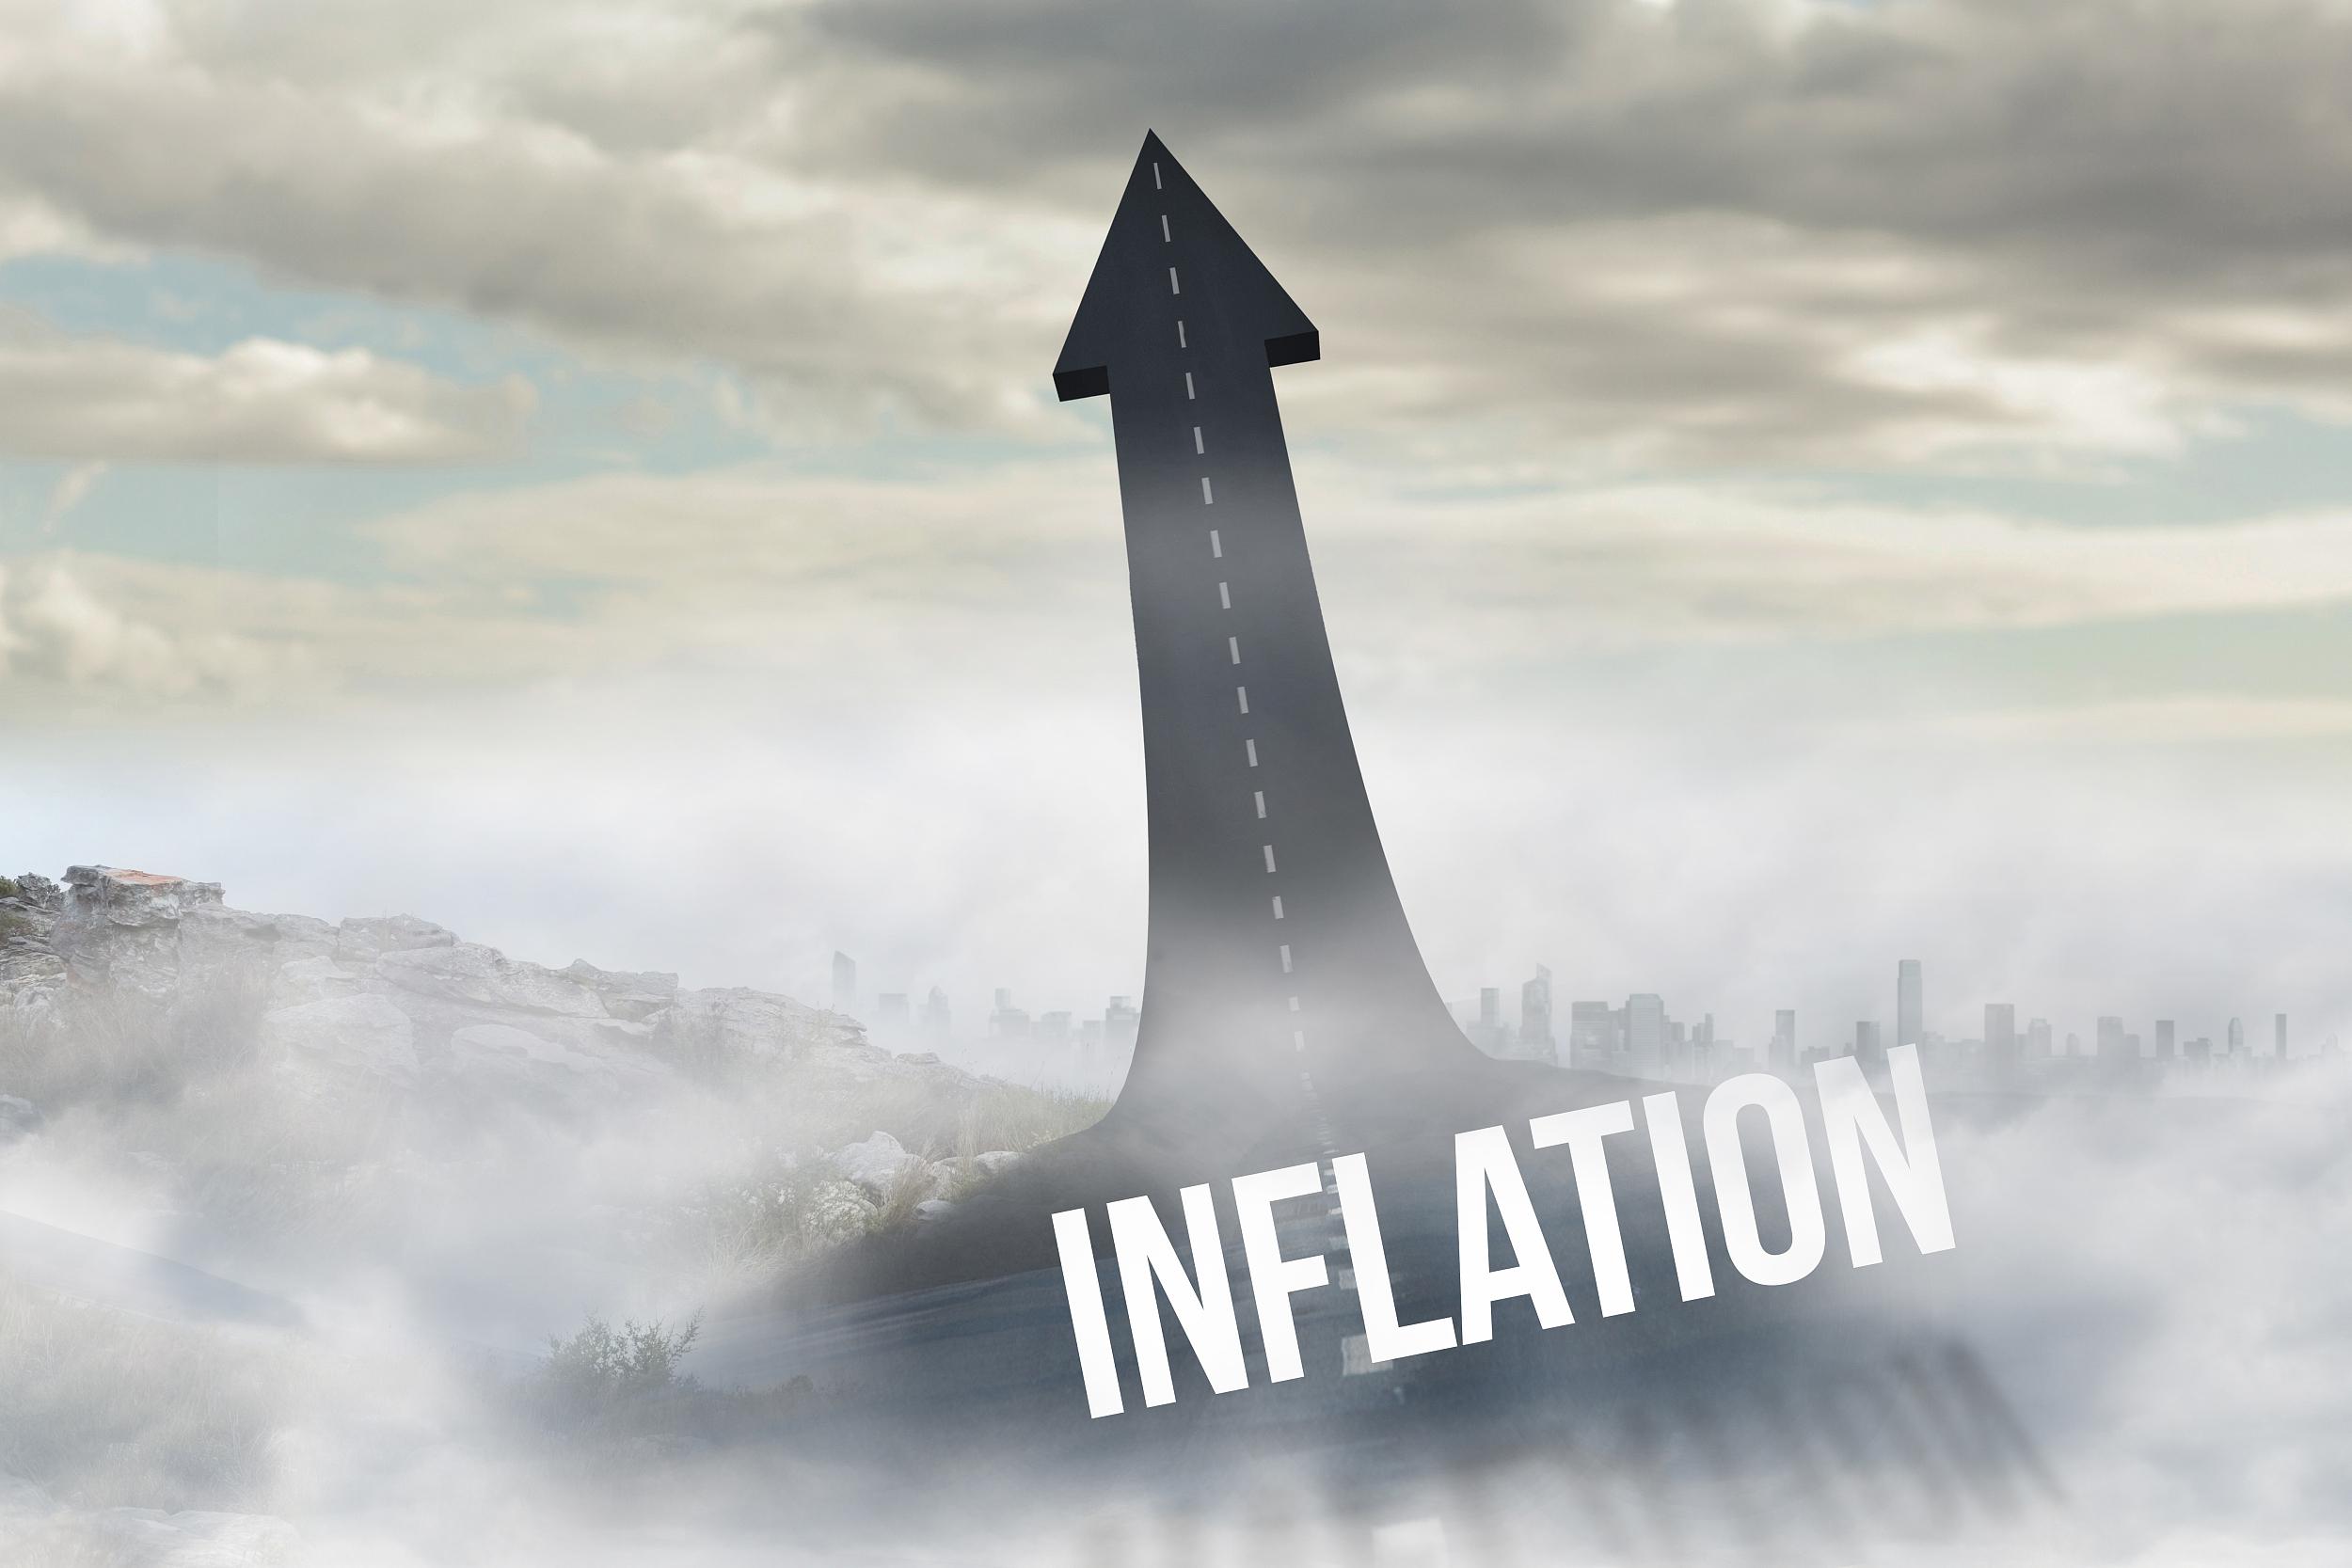 通胀指标再超预期!美国5月PPI同比大增6.6%,创历史记录